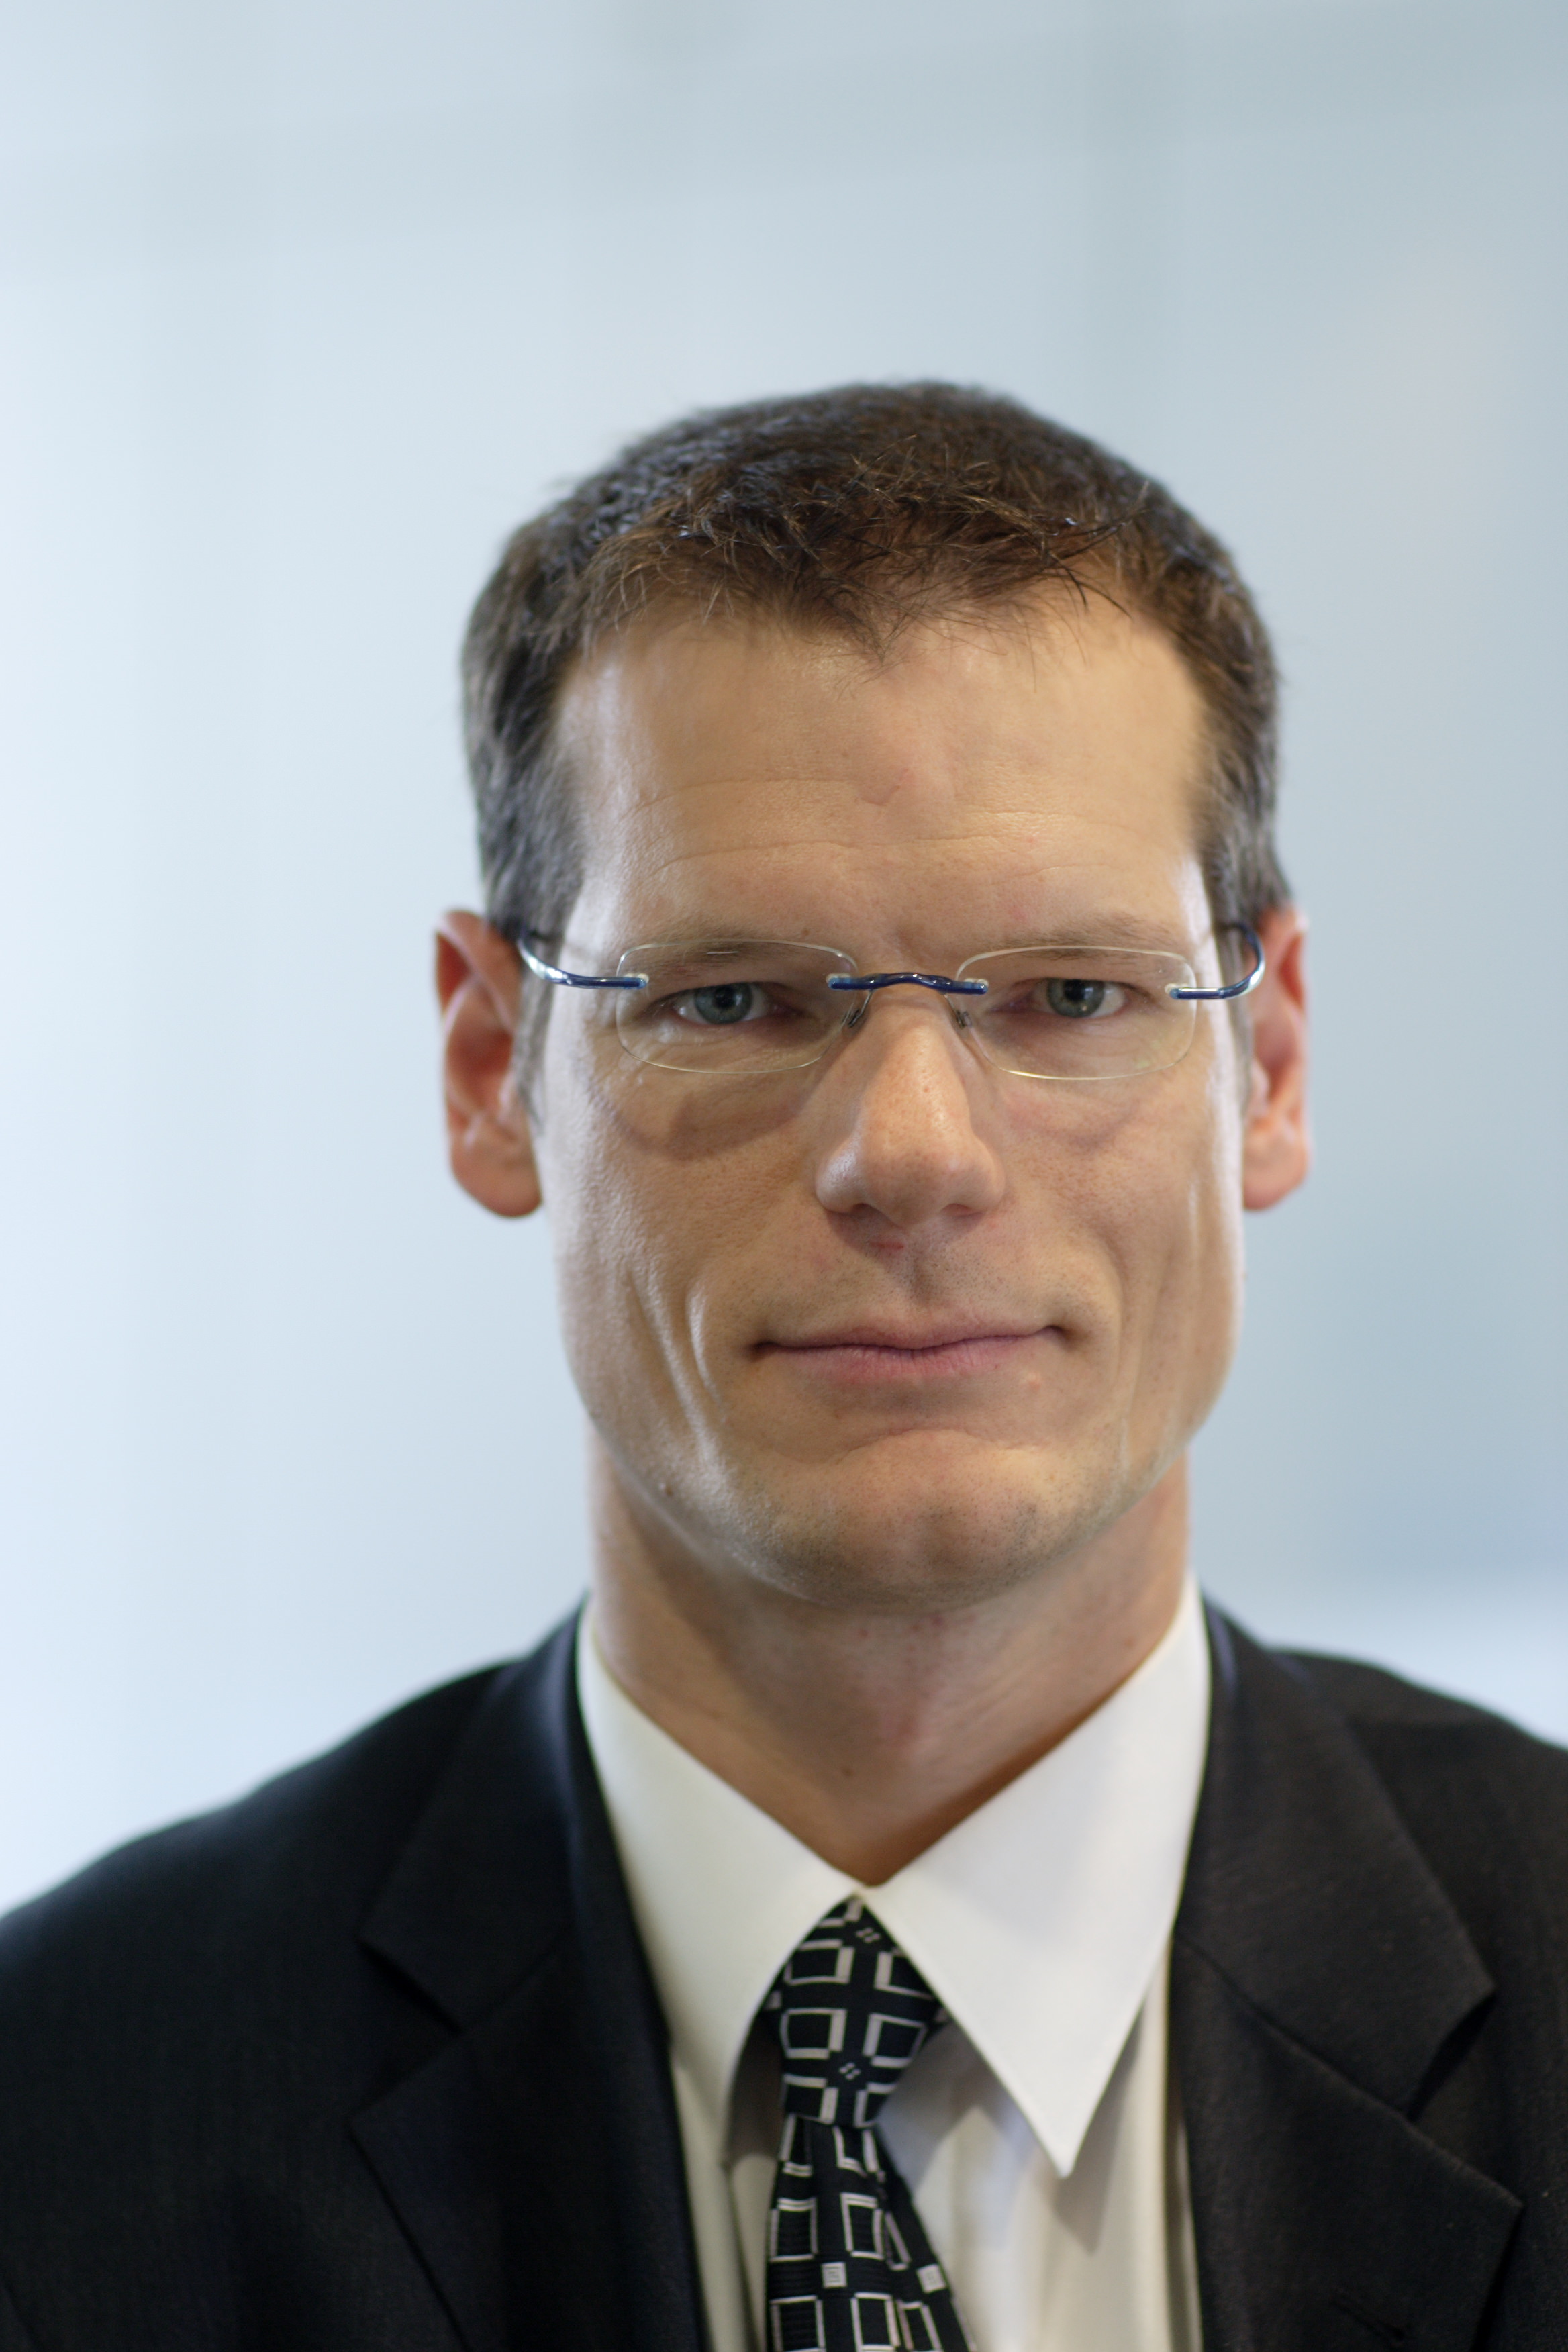 Portrait Marcus Kluetsch, Leiter consulting plus akademie, Experte des Geschäftsbereiches Karriere